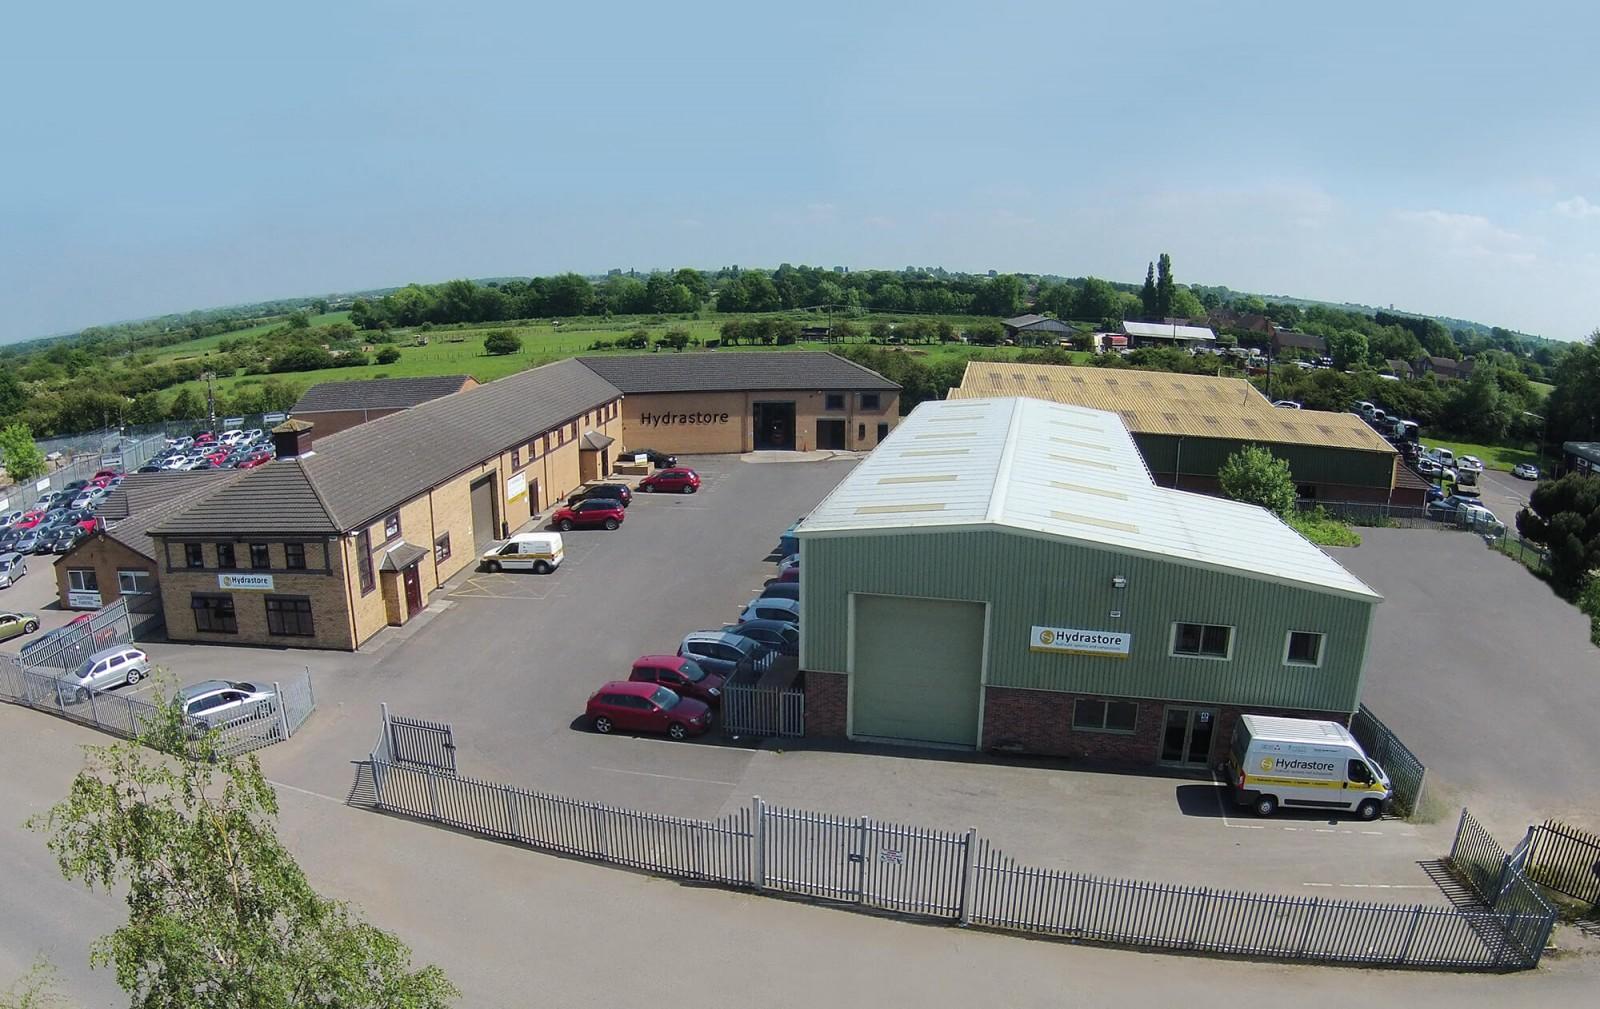 Hydrastore premises Sandtoft Industrial Estate, Belton, Doncaster